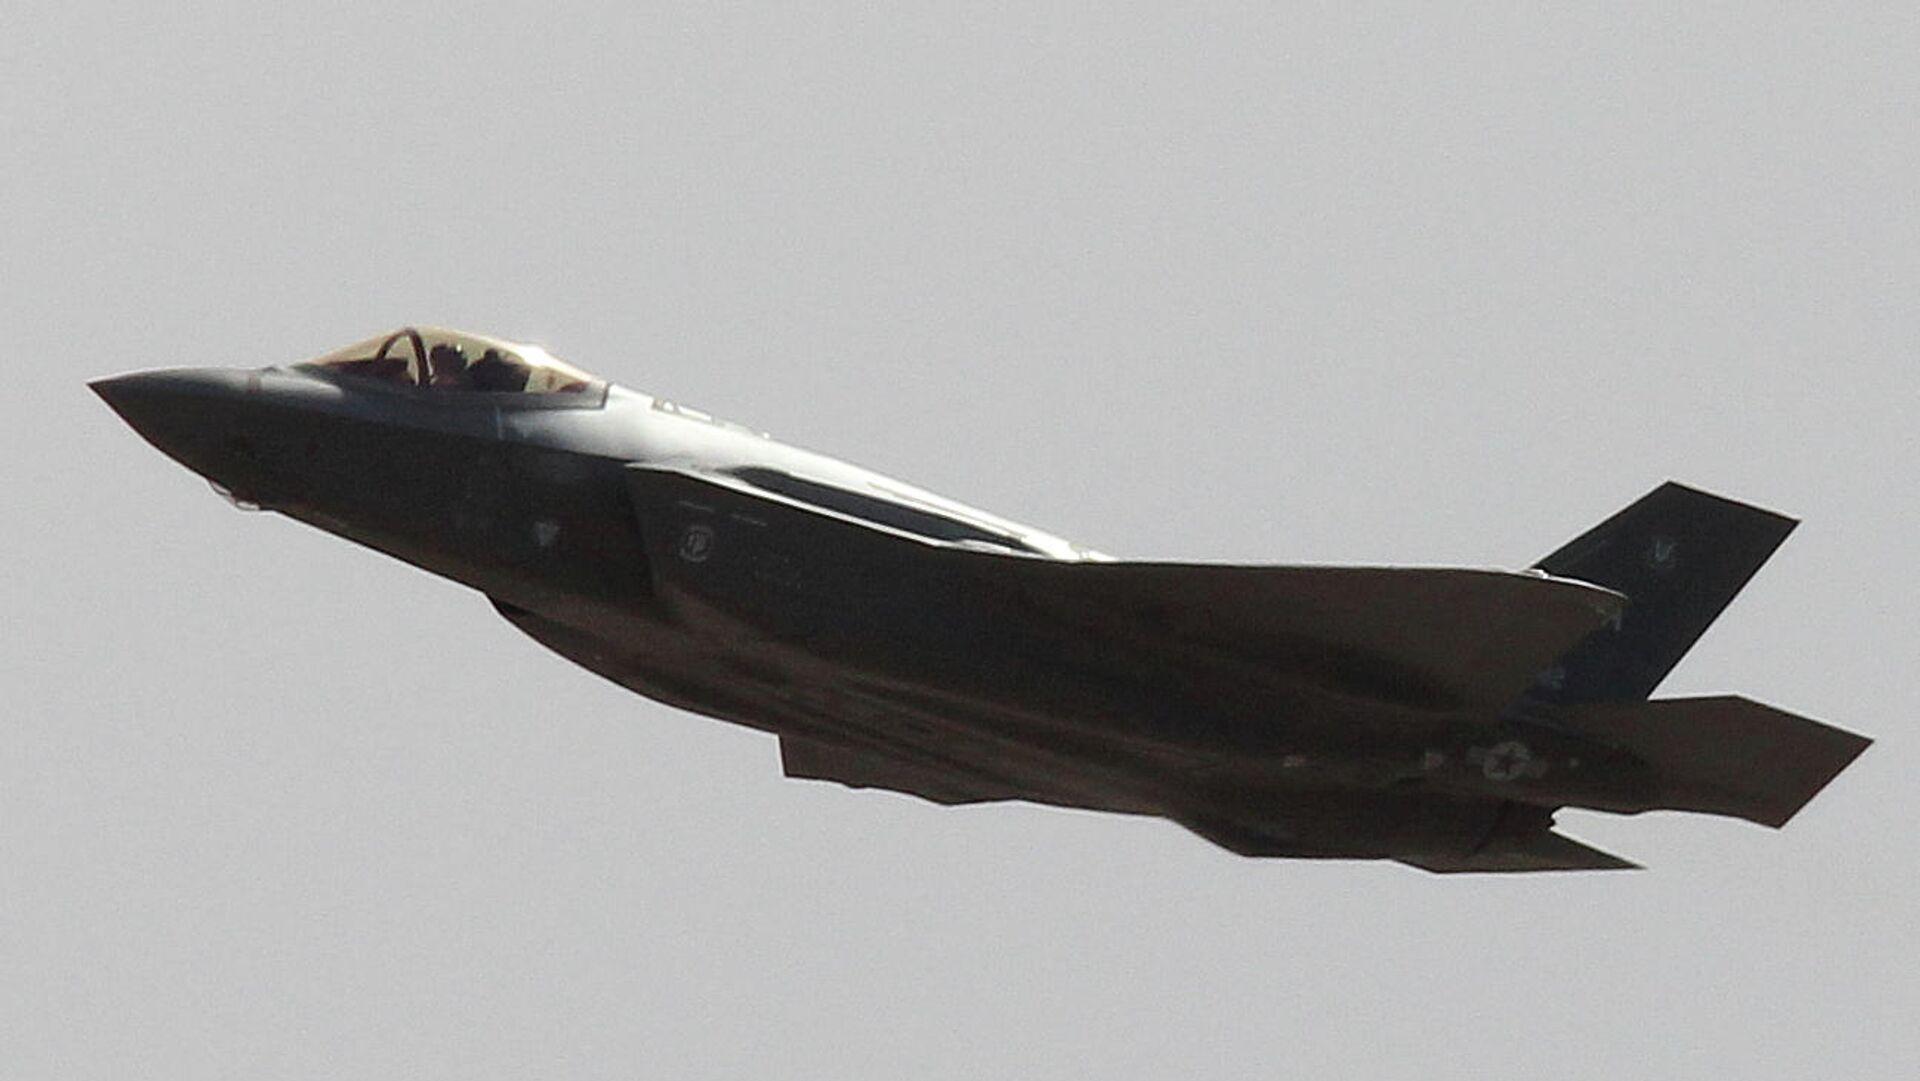 Истребитель F-35А - РИА Новости, 1920, 24.10.2020